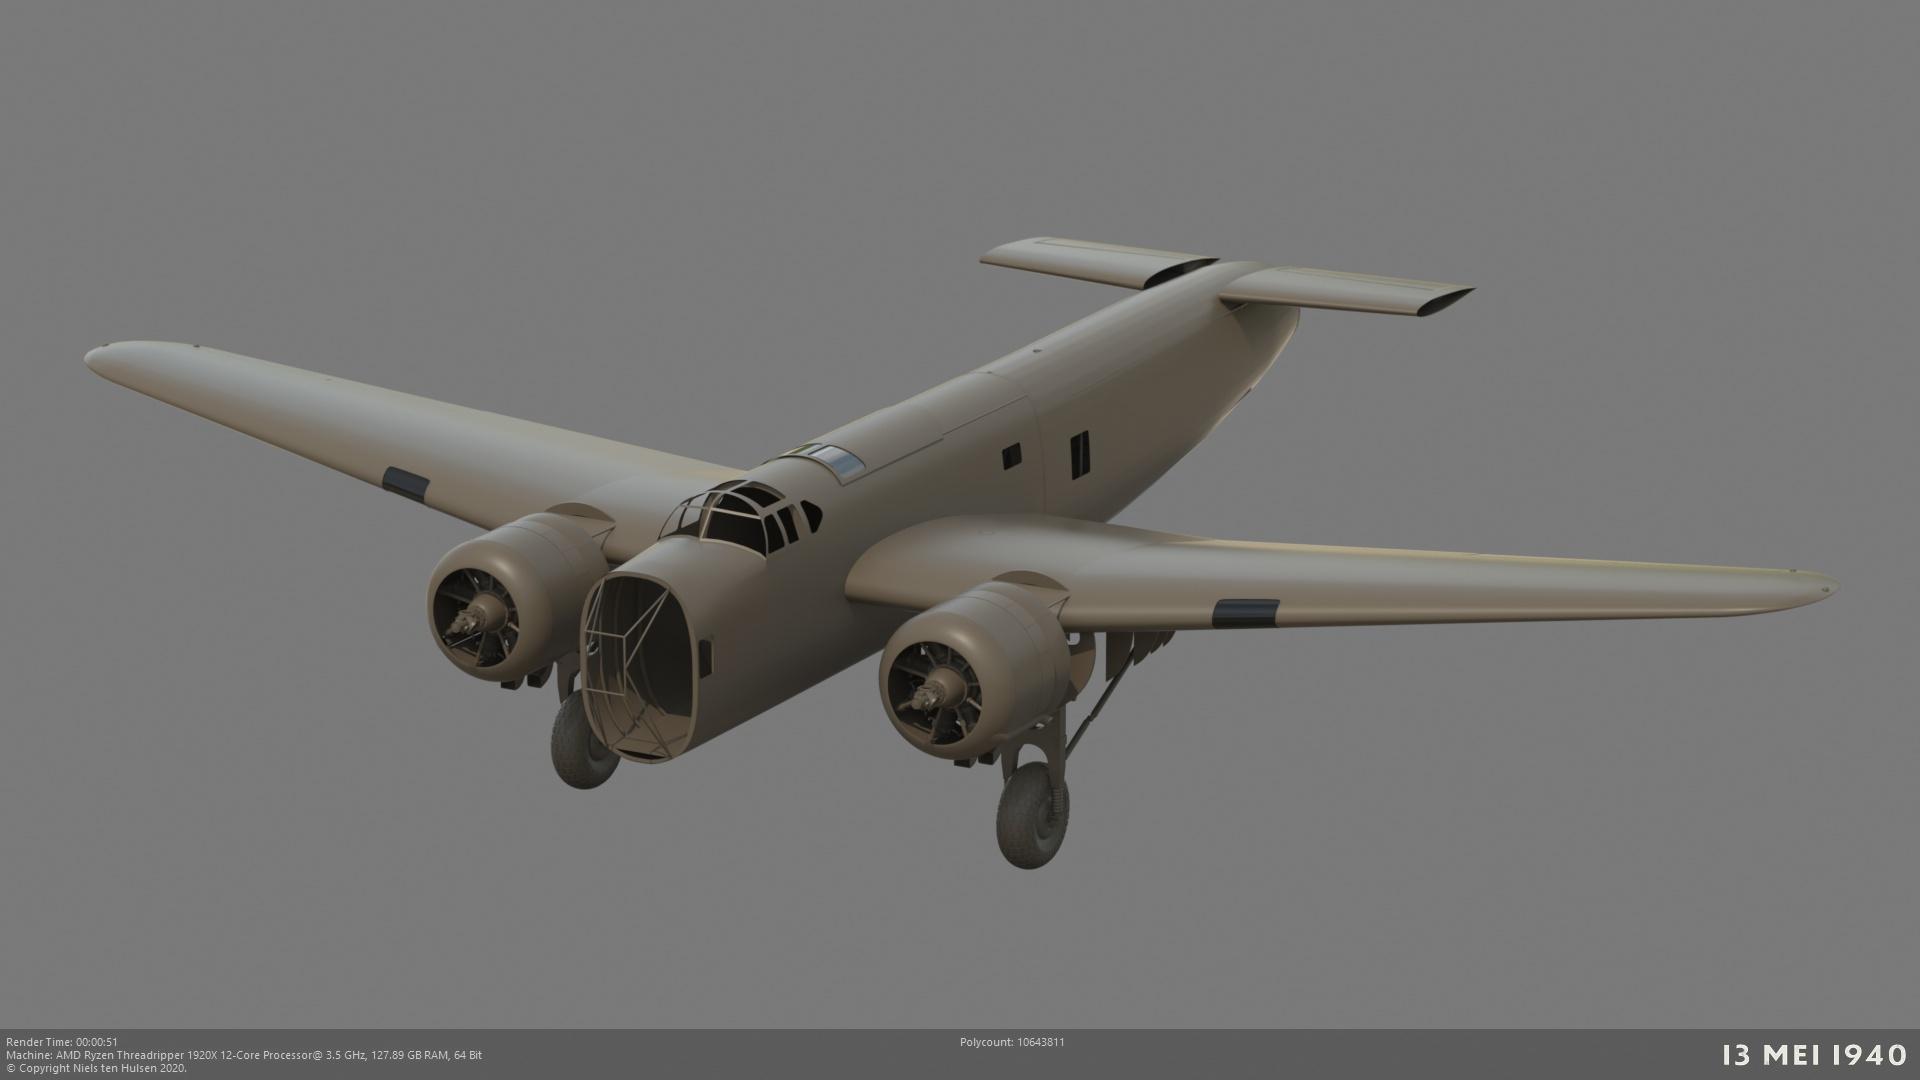 Naam: 001_FokkerT5_motor14.jpg Bekeken: 104 Grootte: 180,9 KB